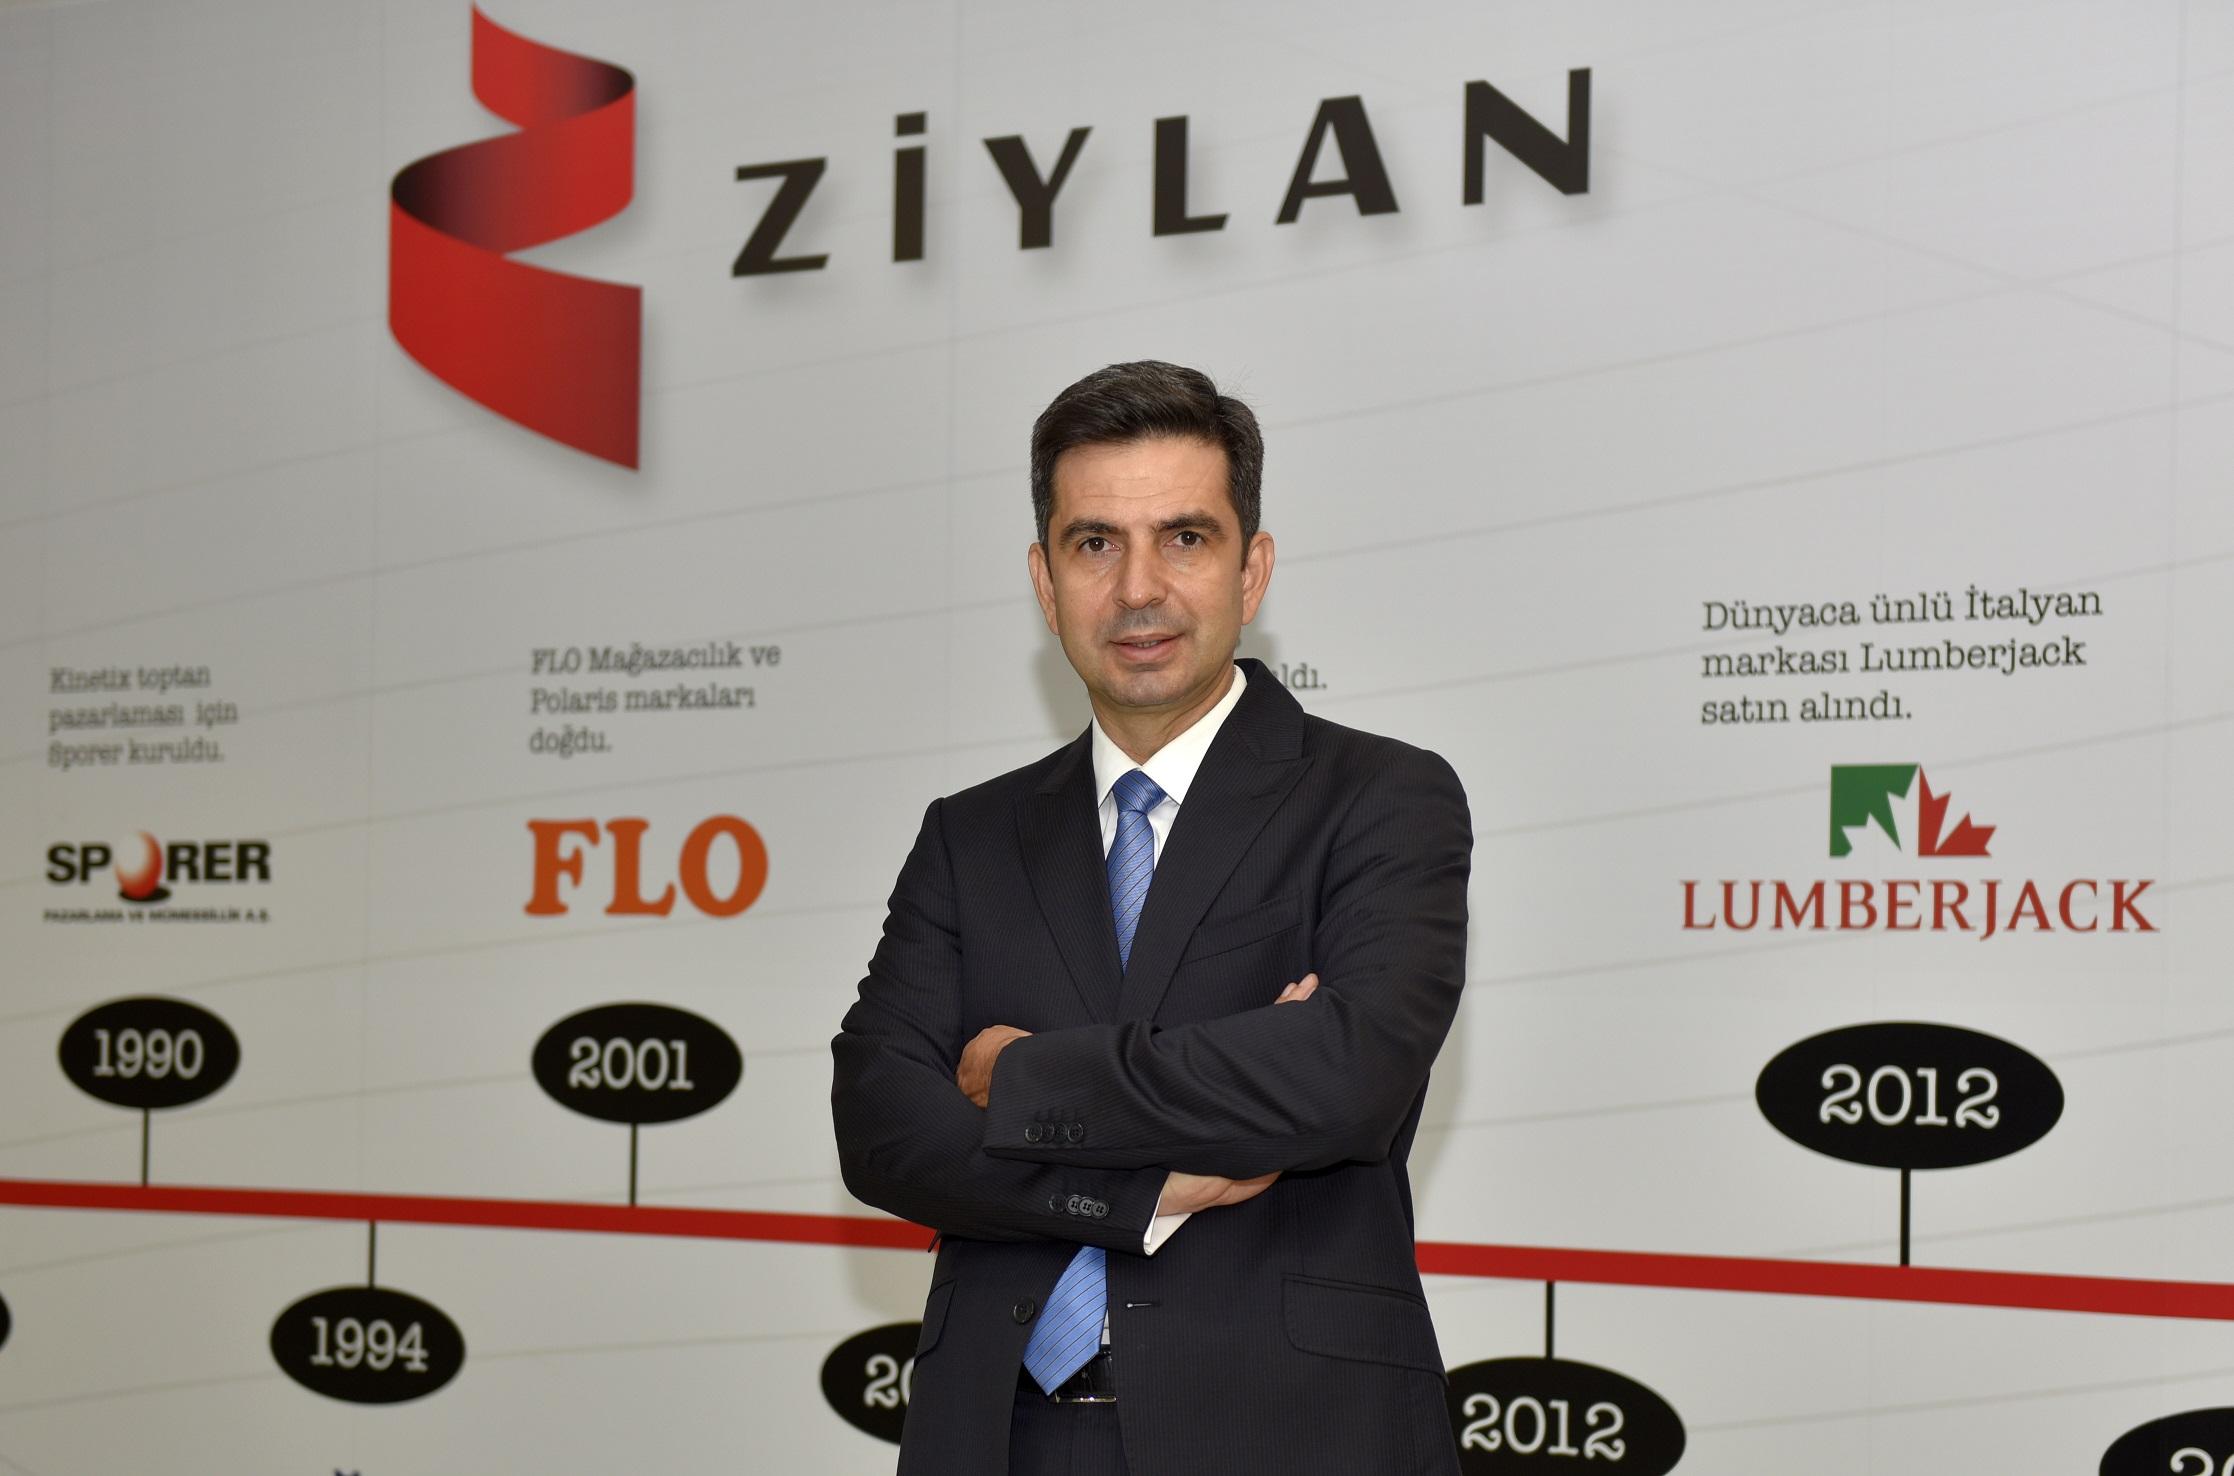 Ziylan'ın yeni İK Direktörü  Ersin Aydın Oldu!